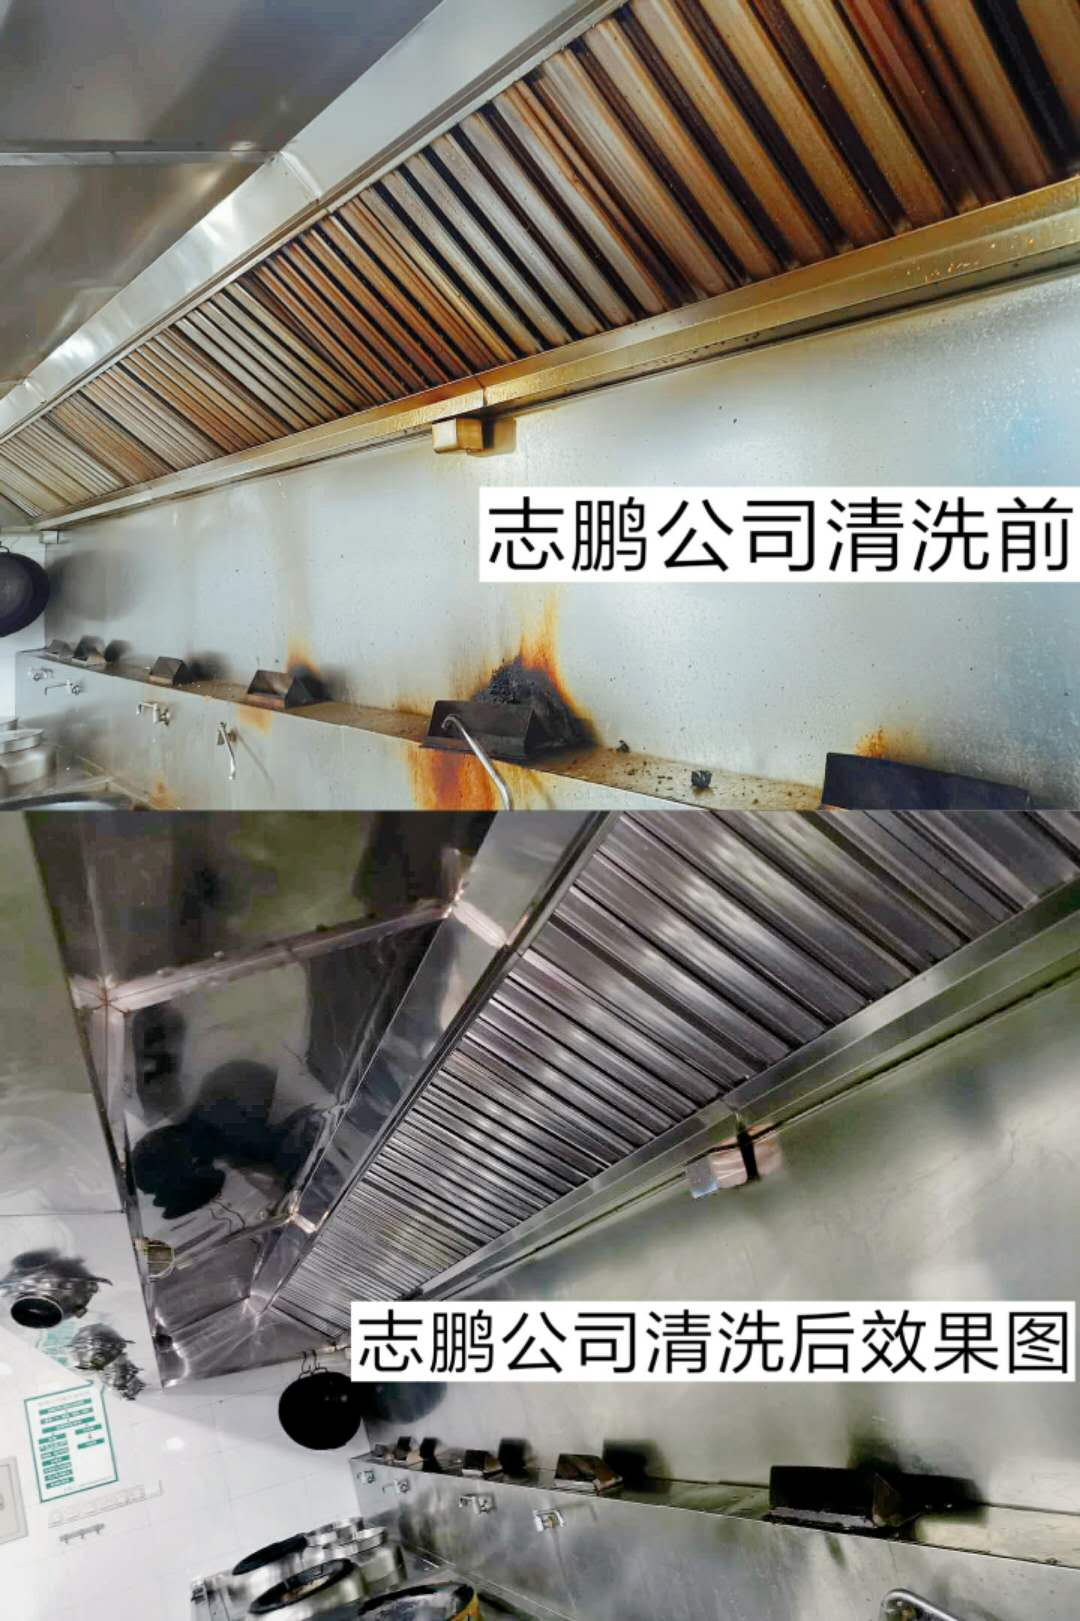 上海市家庭油